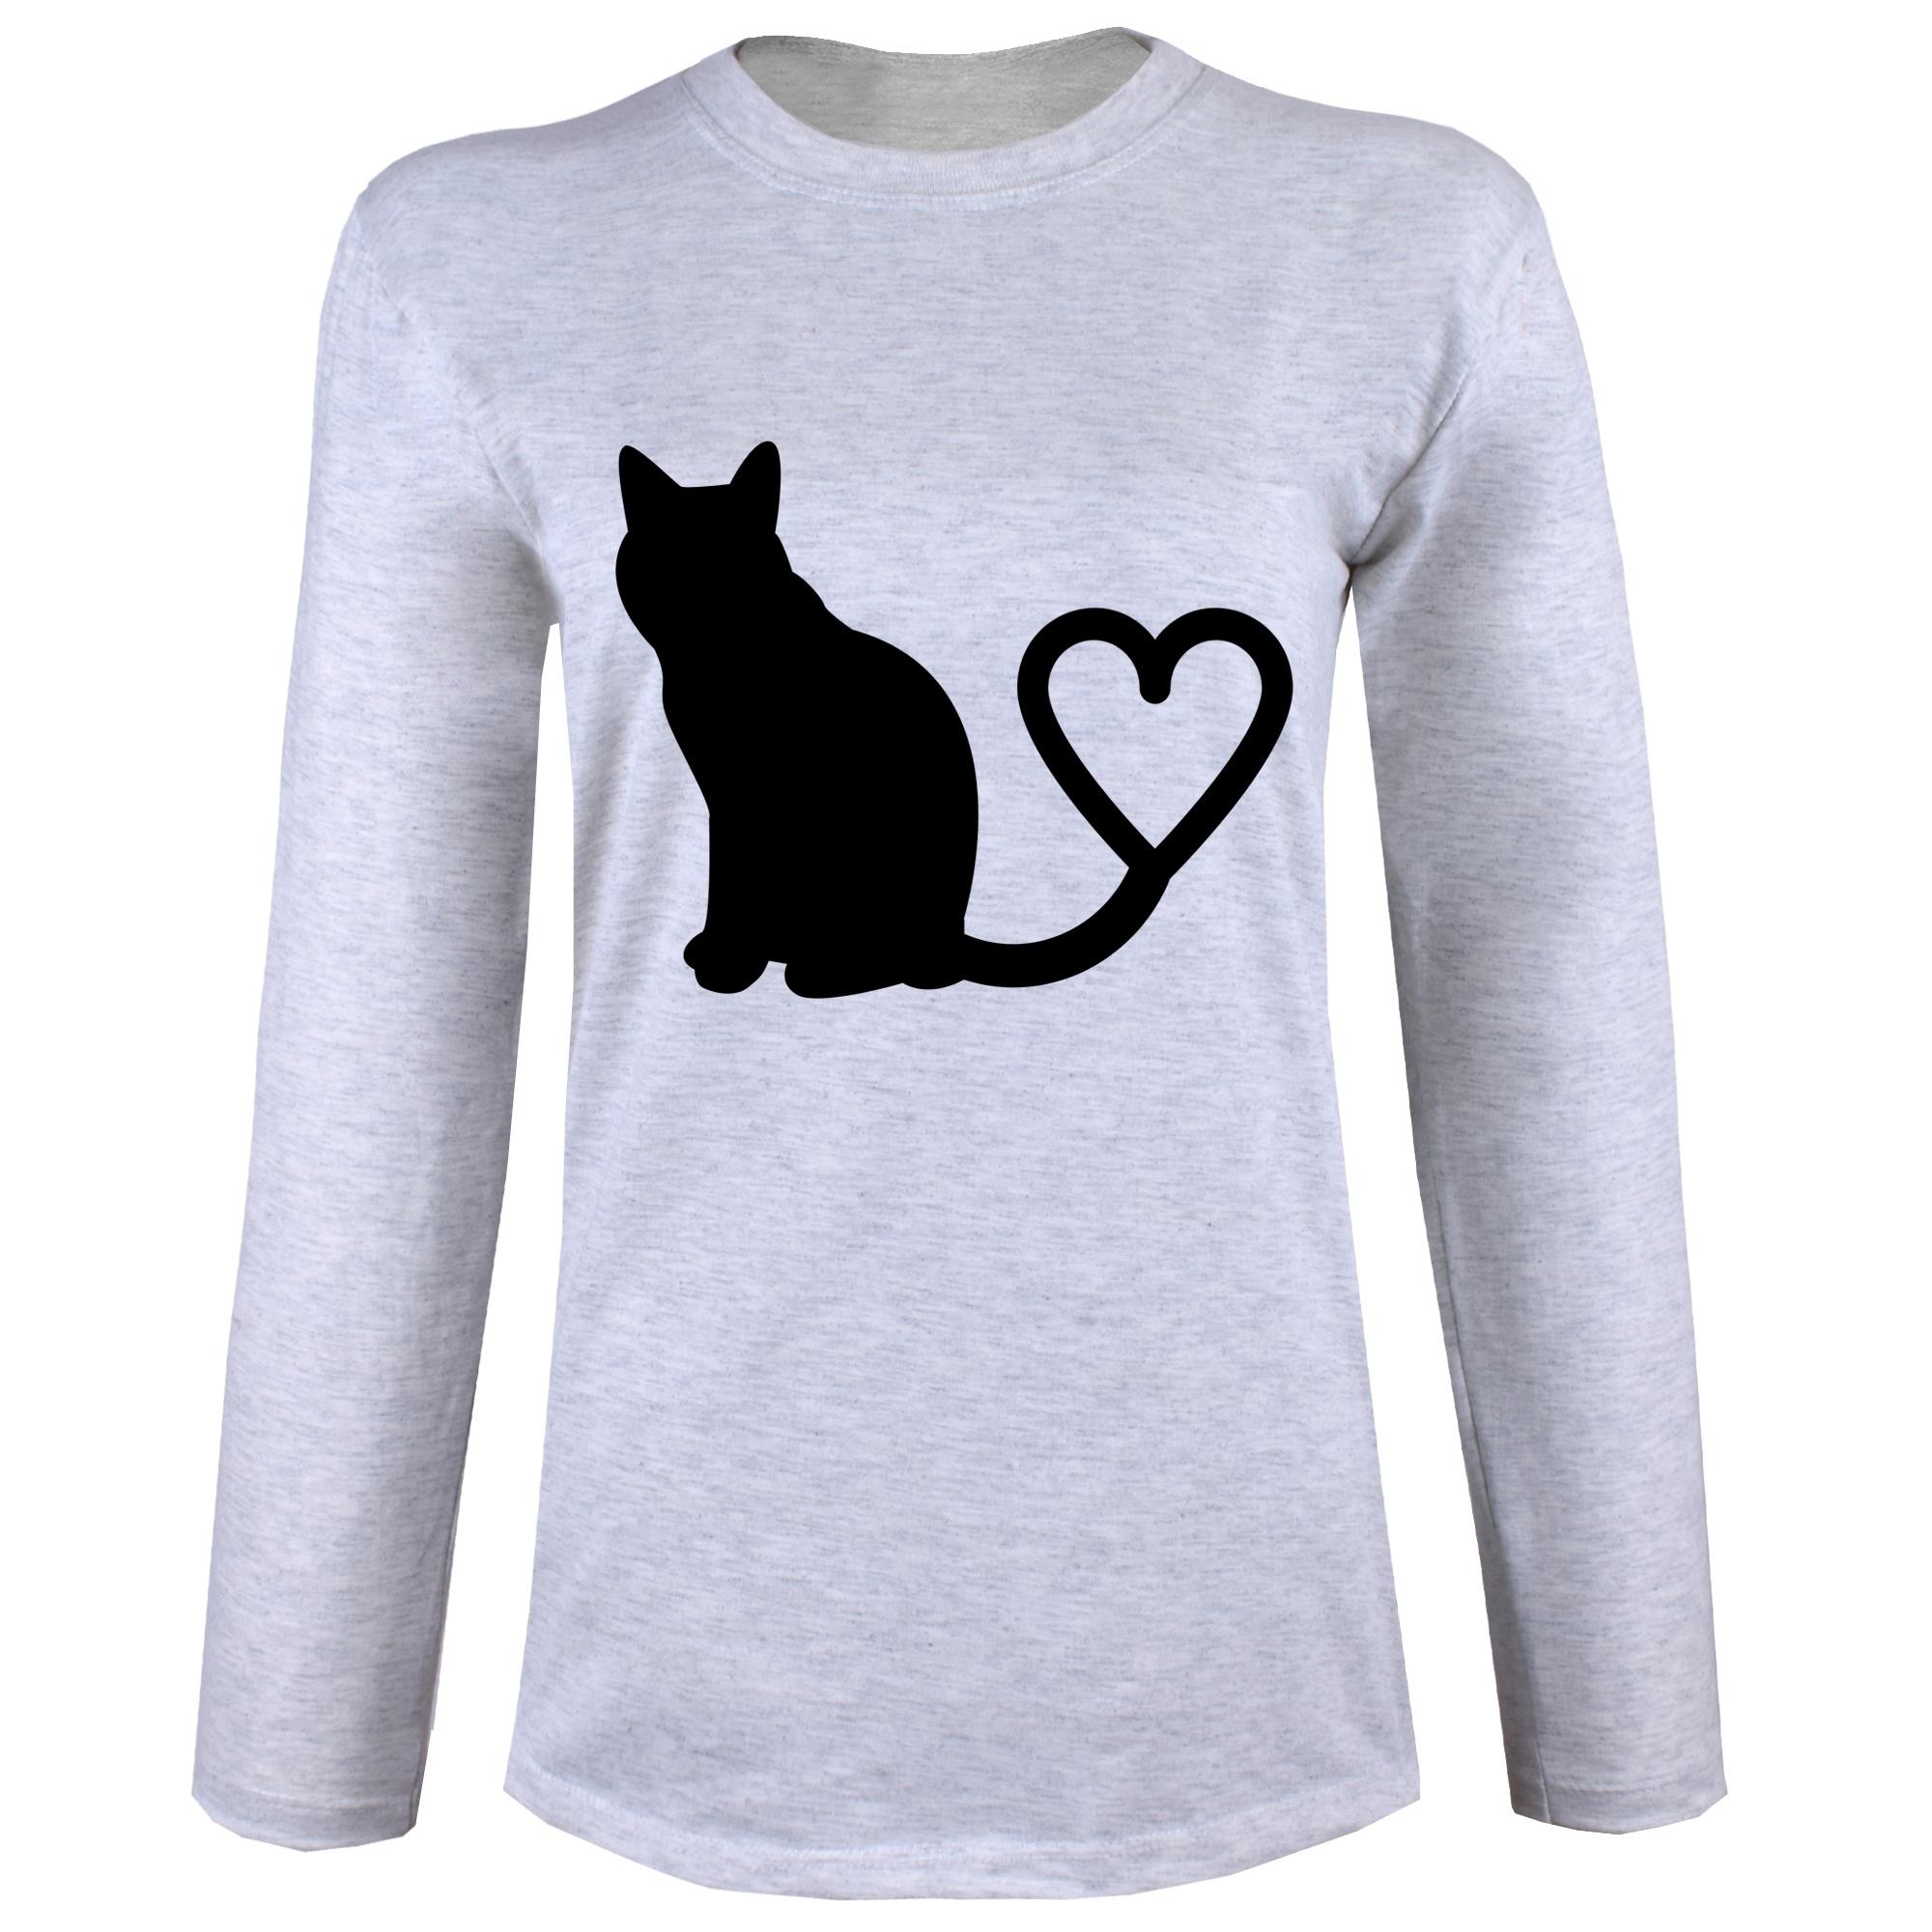 تی شرت  آستین بلند زنانه  طرح گربه کد B21